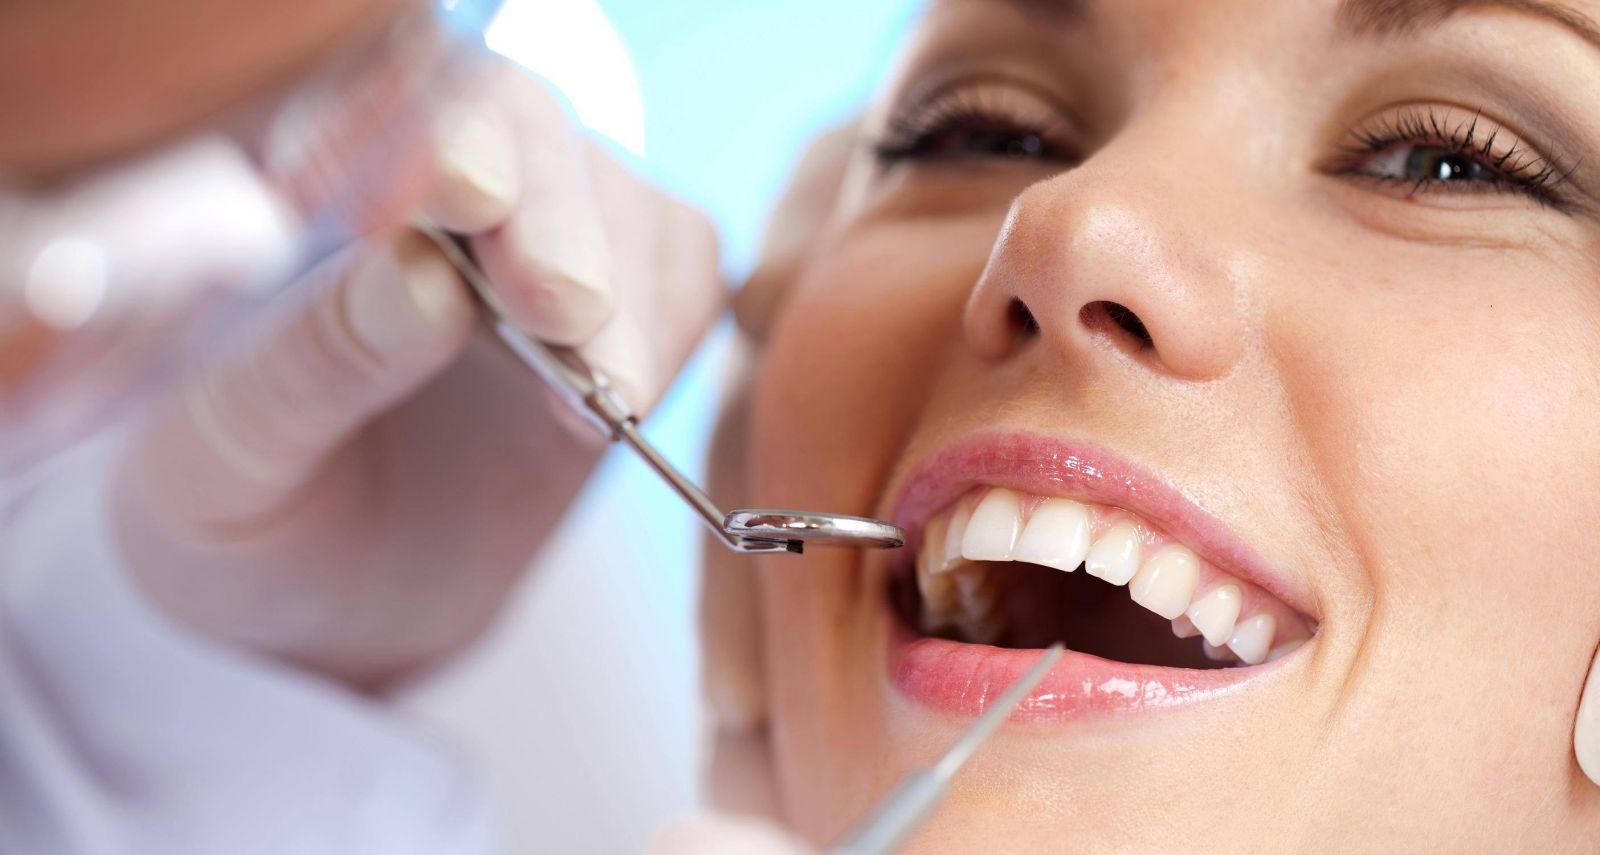 Trồng răng implant là phương pháp nha khoa hàng đầu